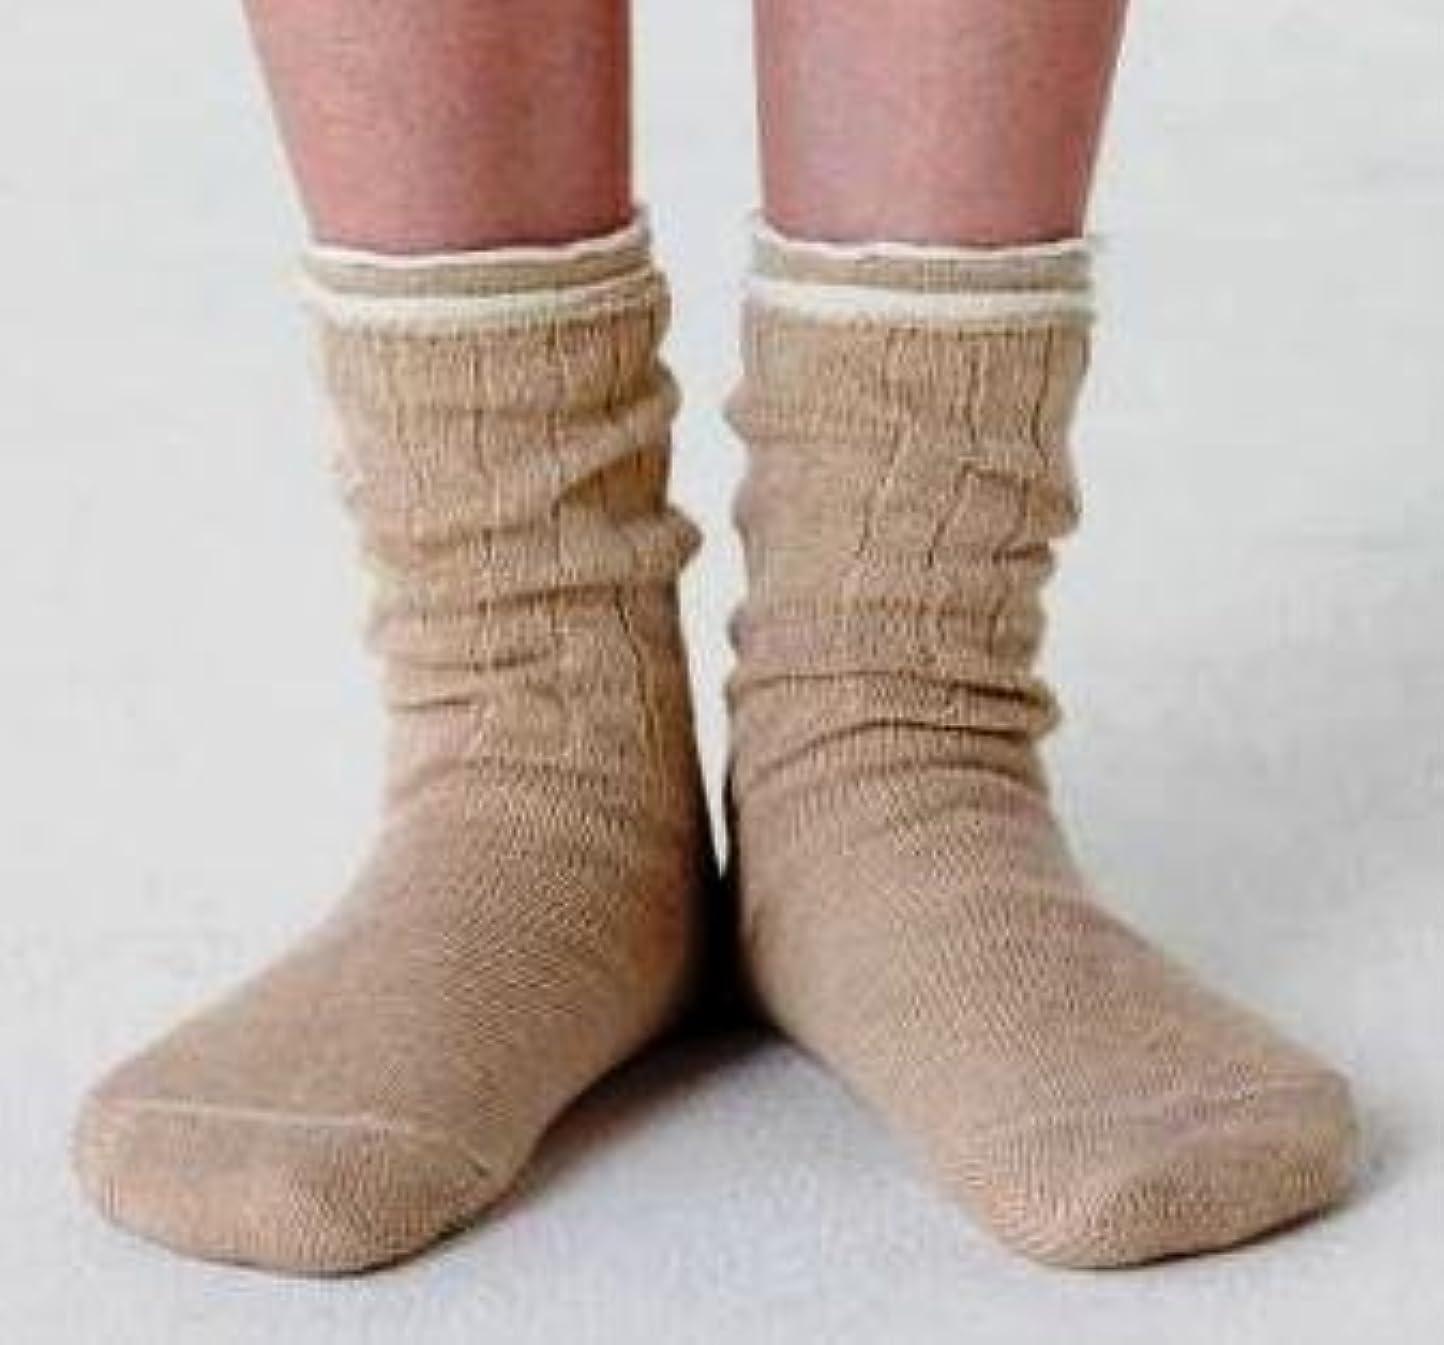 提供する自分の強調する冷え取り靴下 4枚重ね履きソックス(絹?綿?絹?綿) Lサイズ:25~27cm